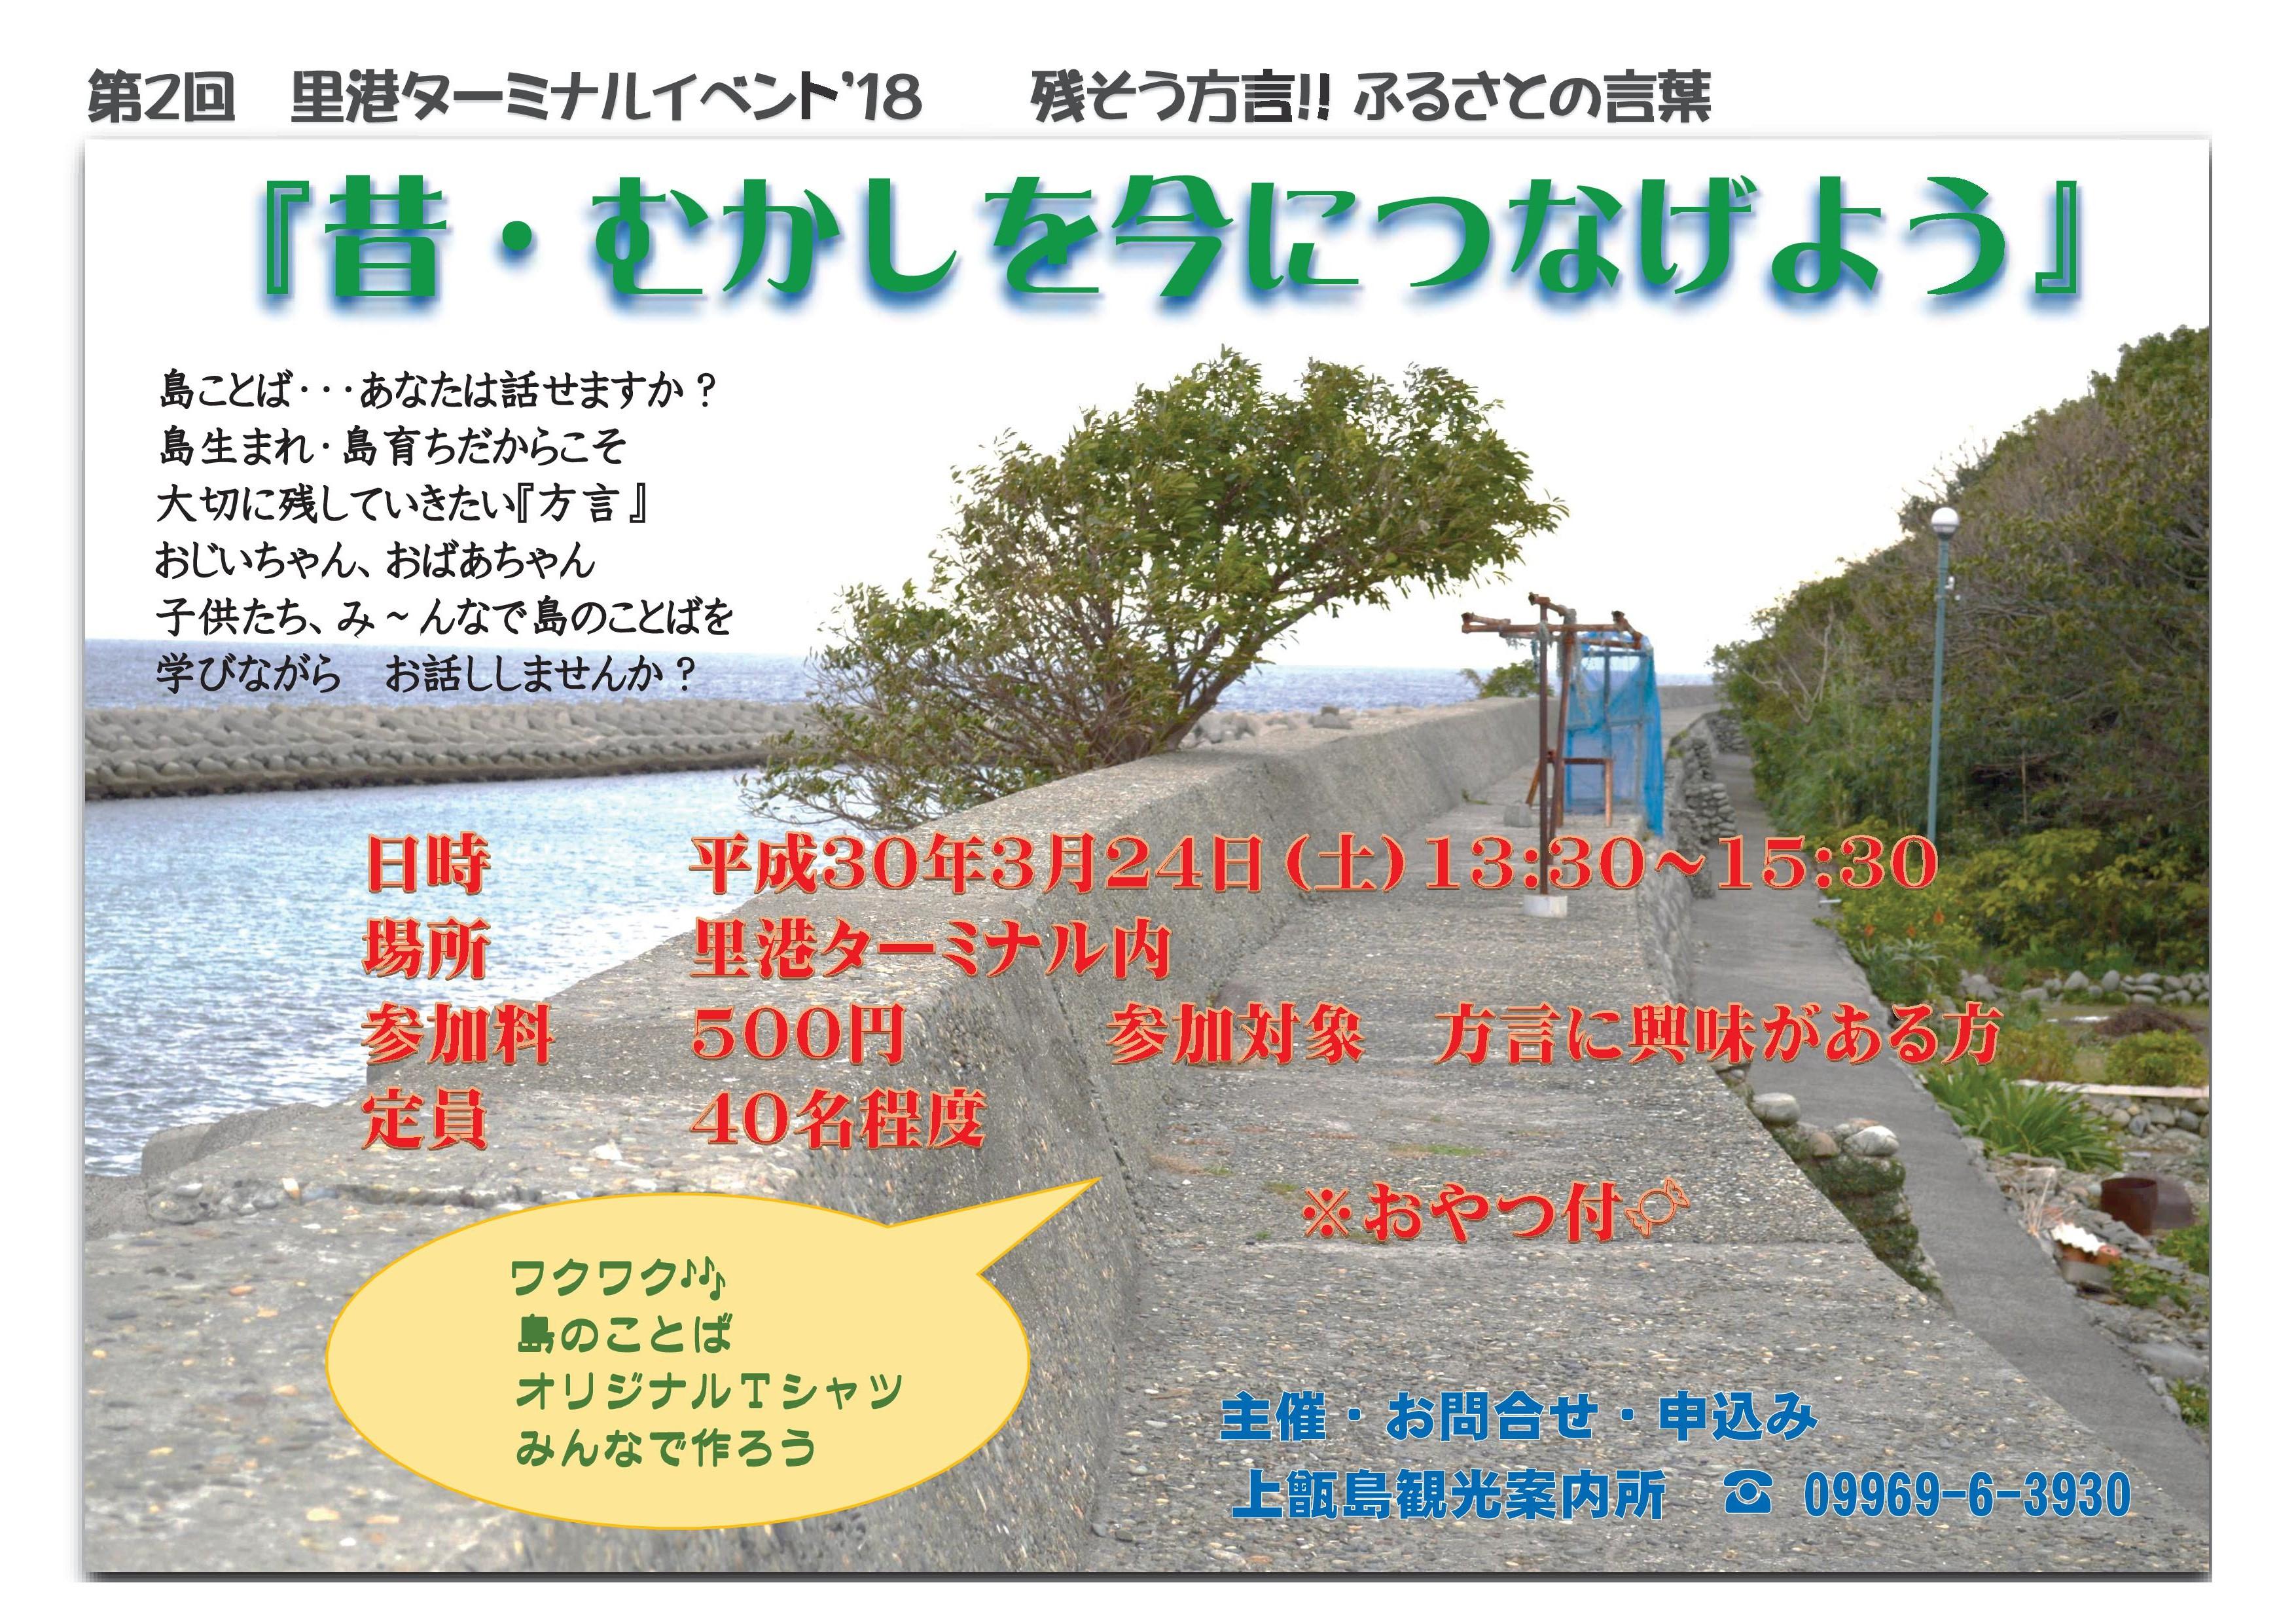 里港ターミナルイベント開催!